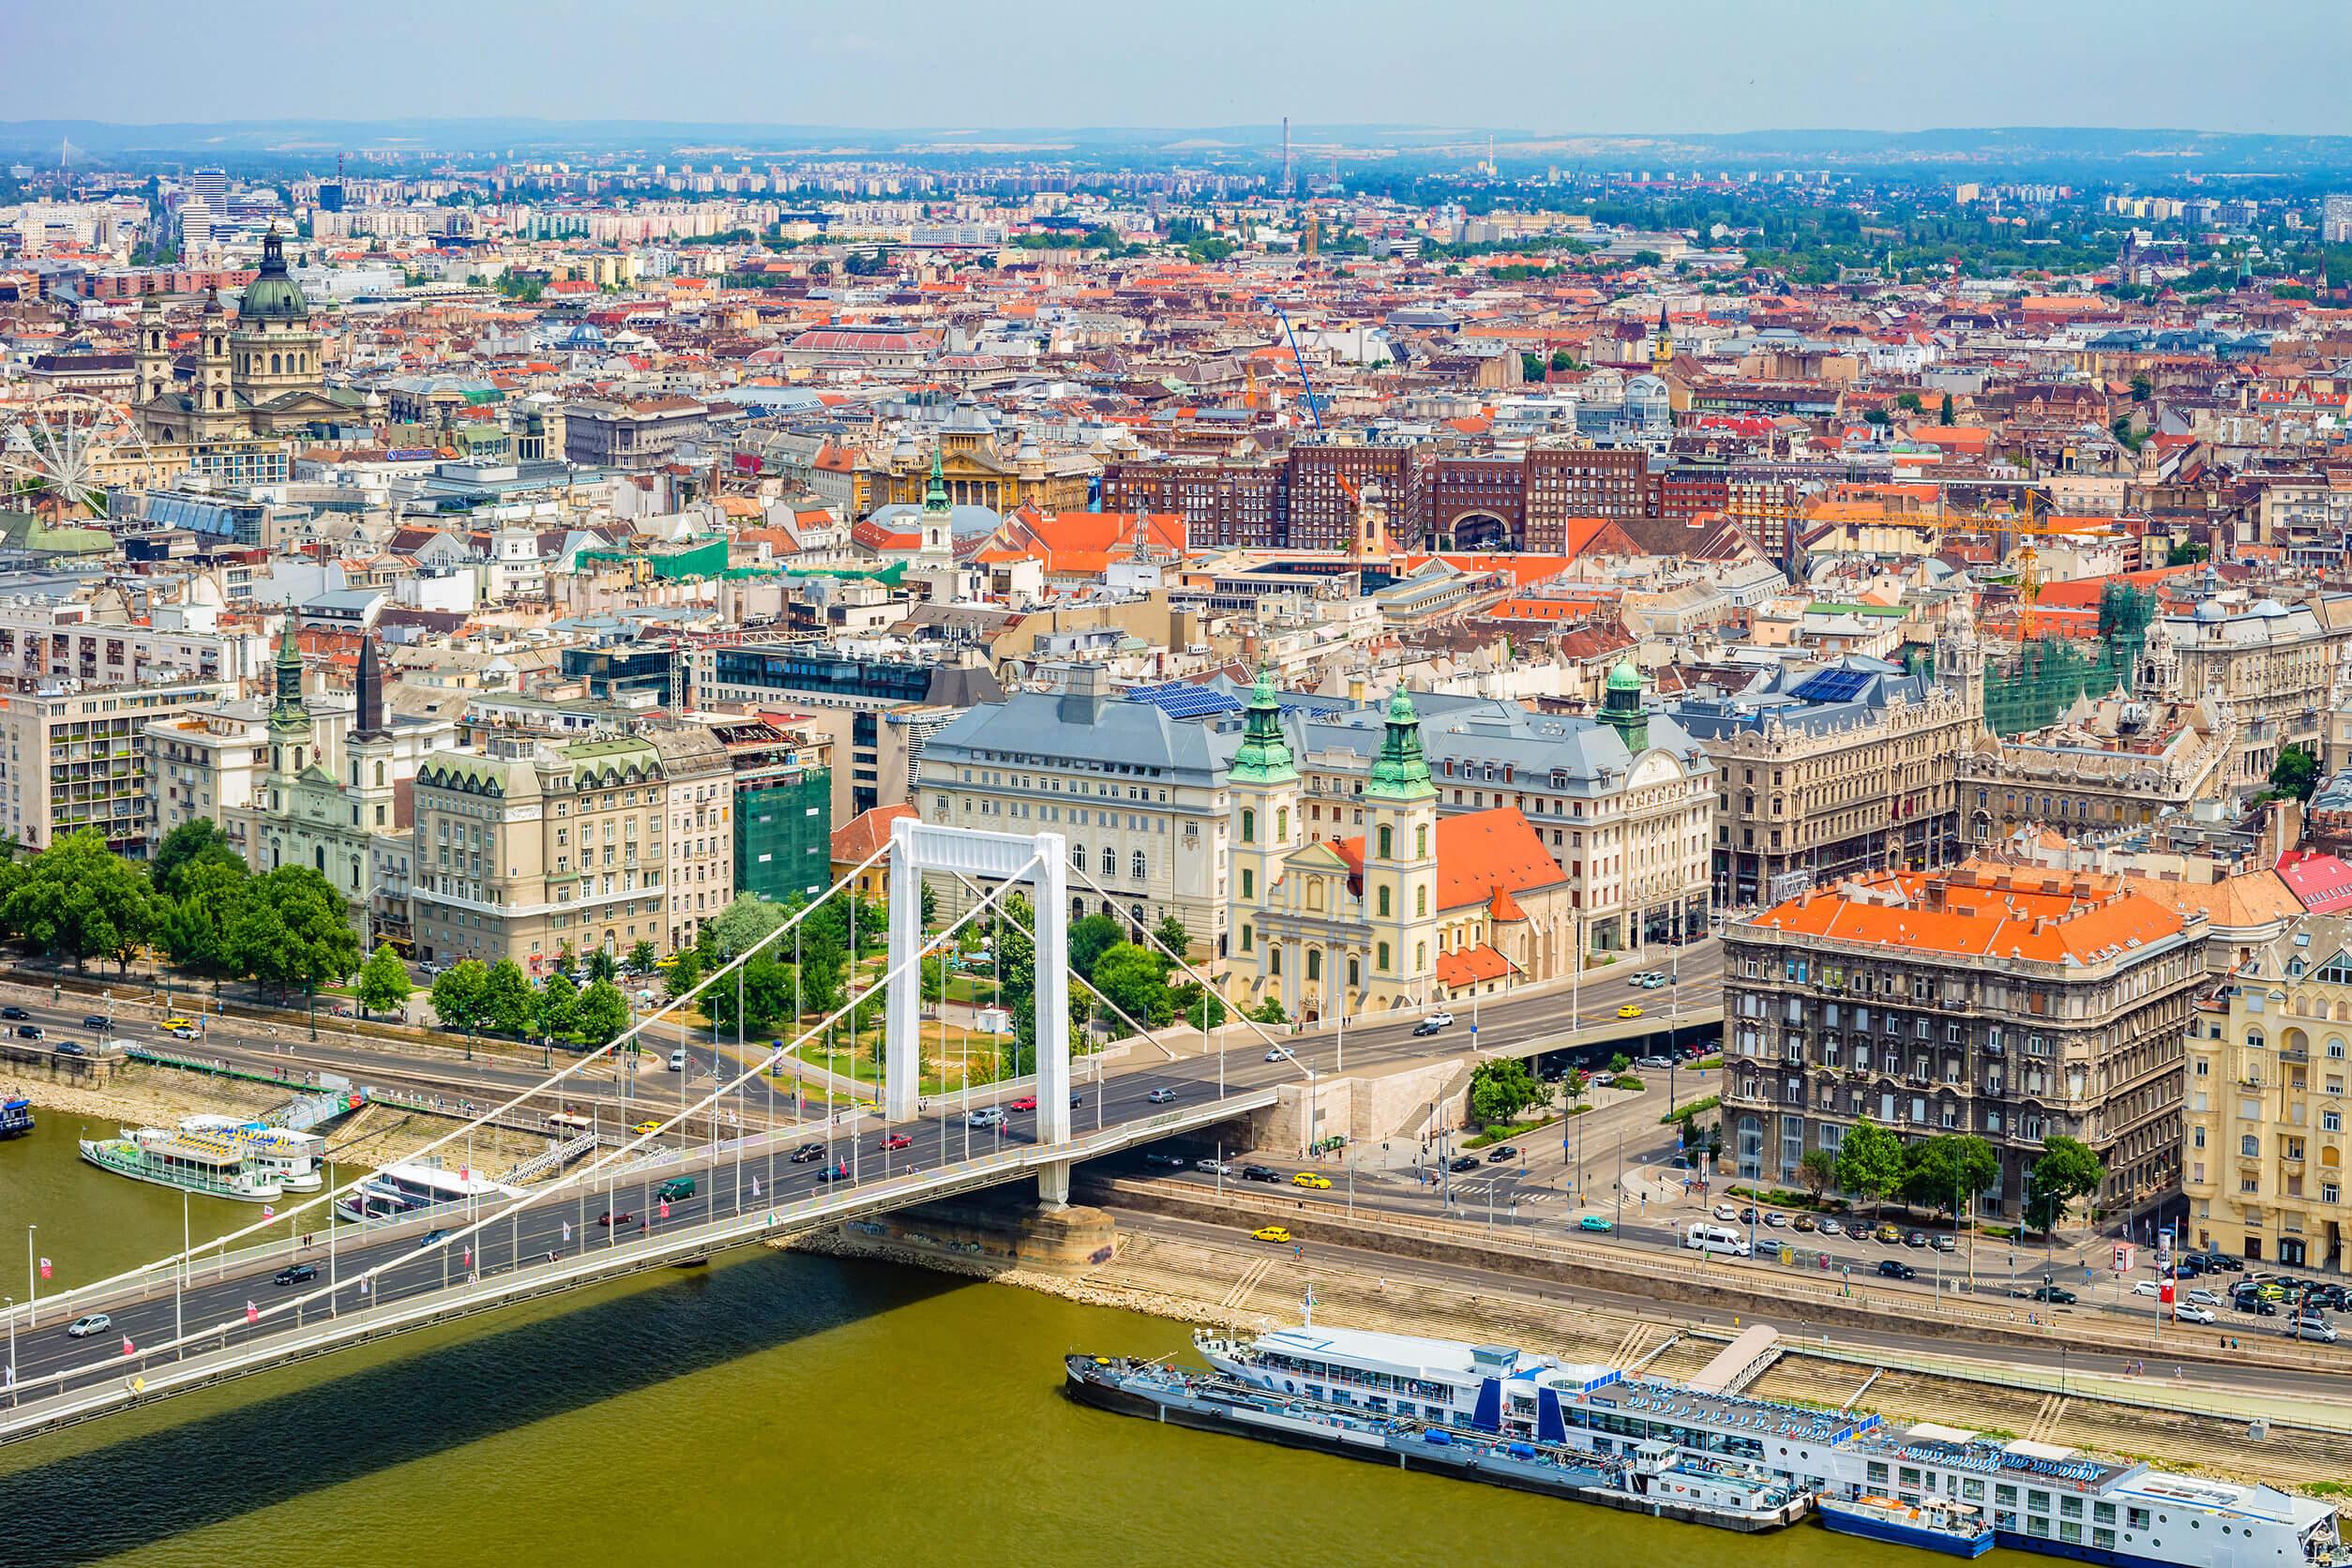 Kis lakást keres Budapesten? Nézze meg ezeket a bájos garzon lakásokat